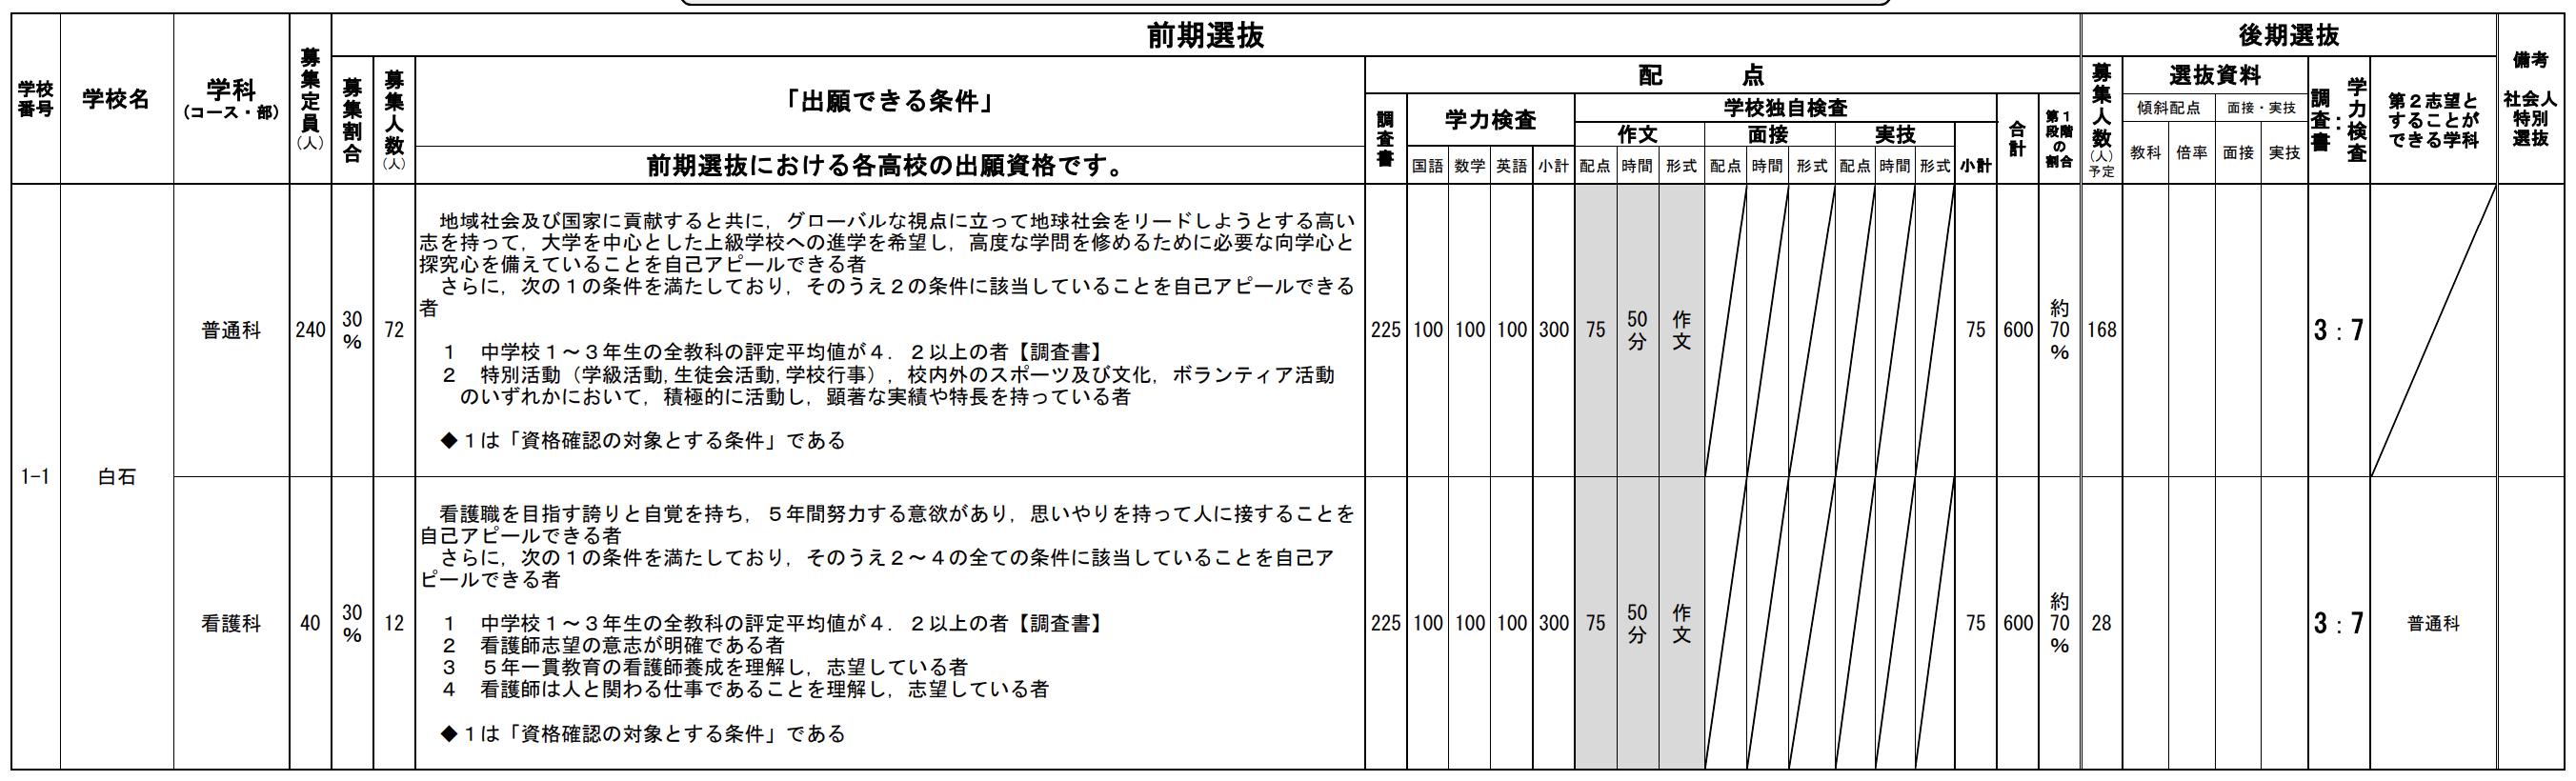 宮城県公立高校入試制度1